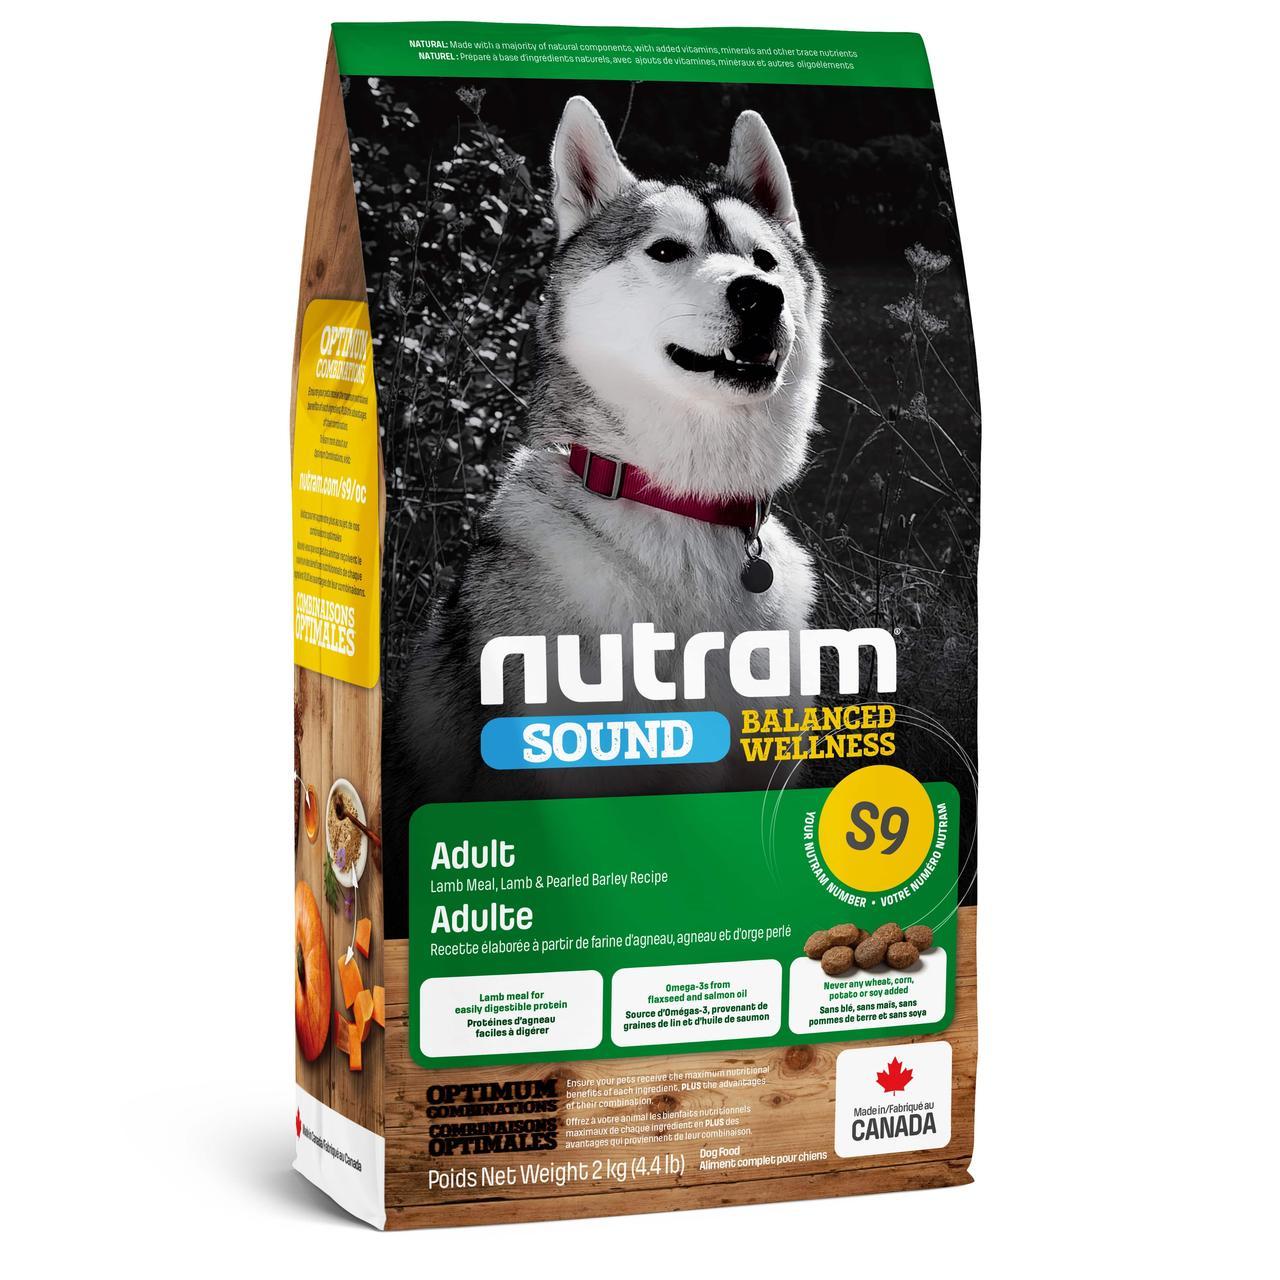 НУТРАМ S9 Nutram Sound с ягненком и шлифованым ячменем полнорационный сухой корм для взрослых собак, 2 кг